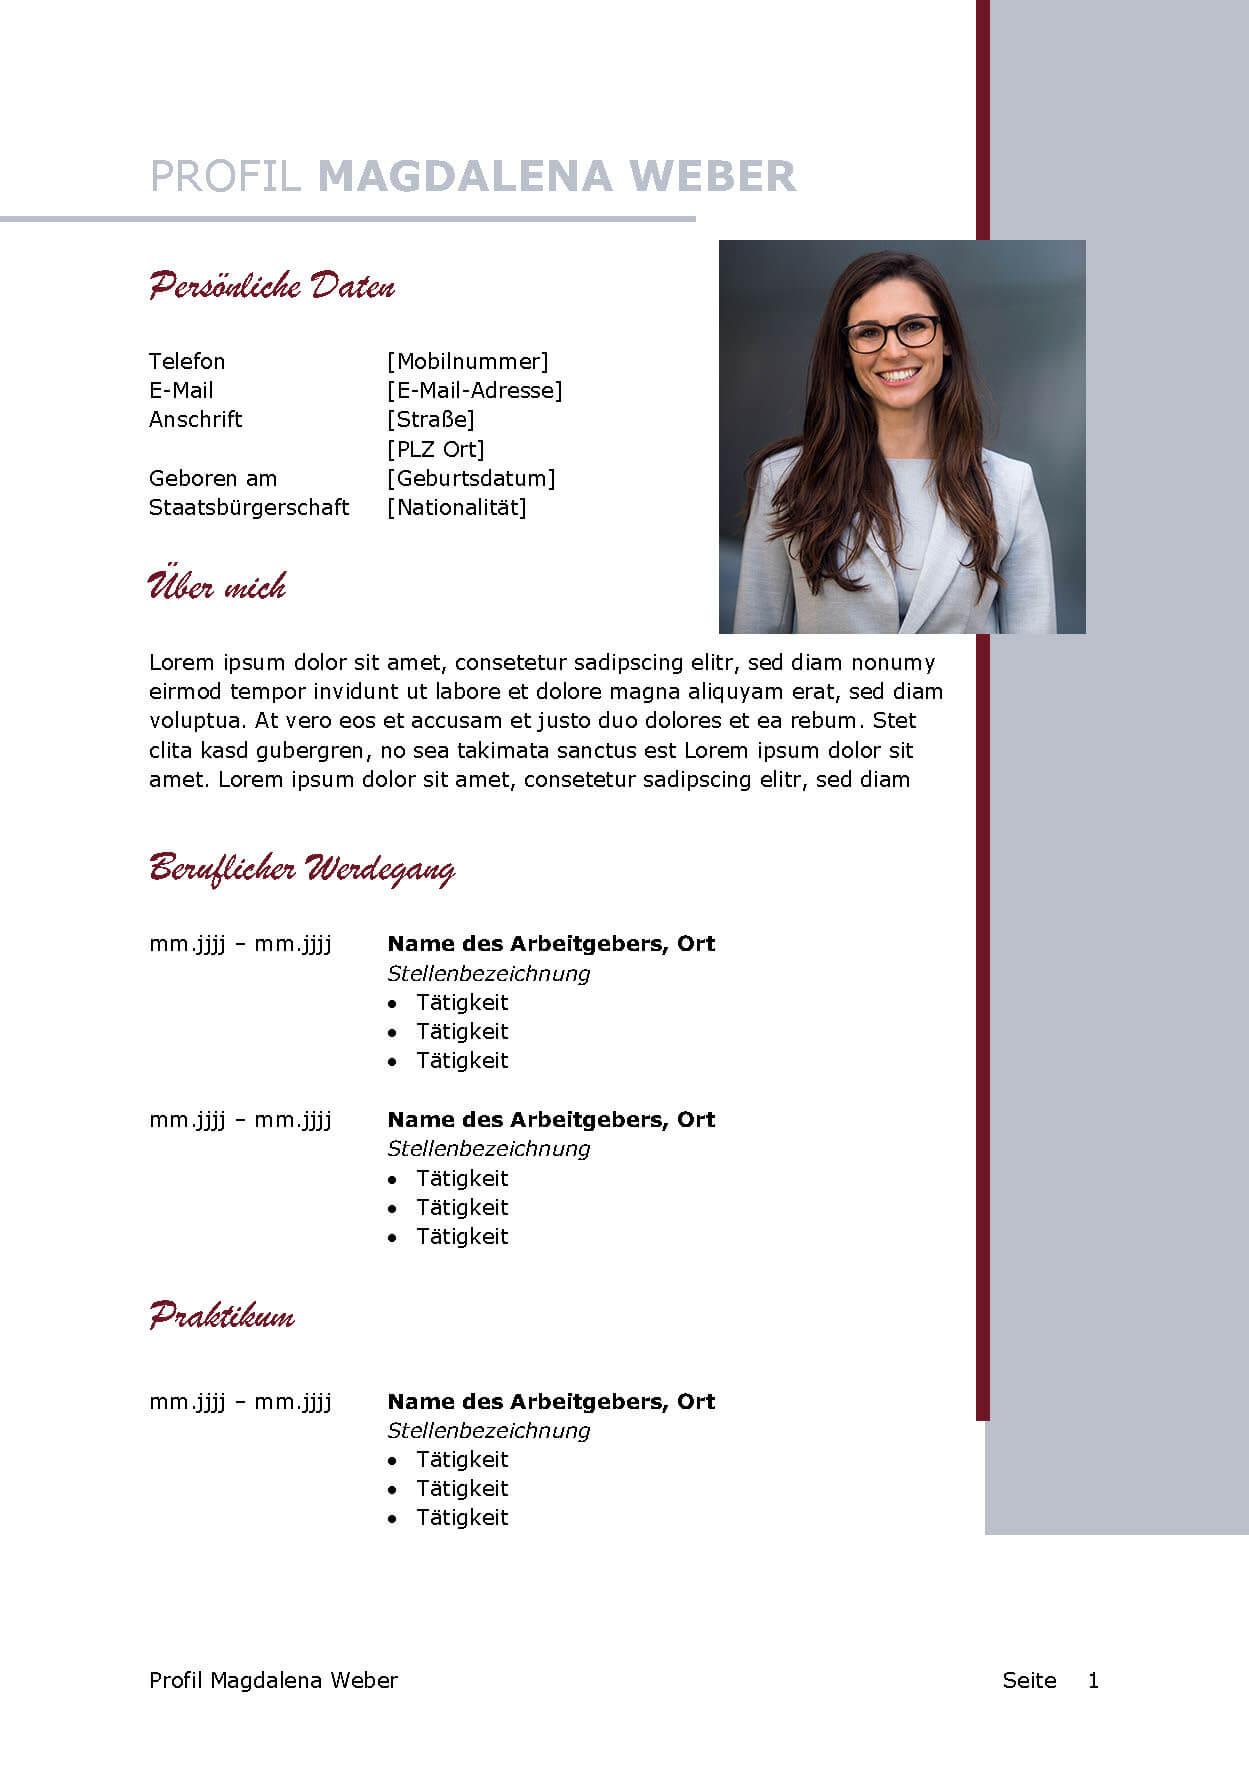 Lebenslauf Bewerbungsvorlage Magdalena Seite 1